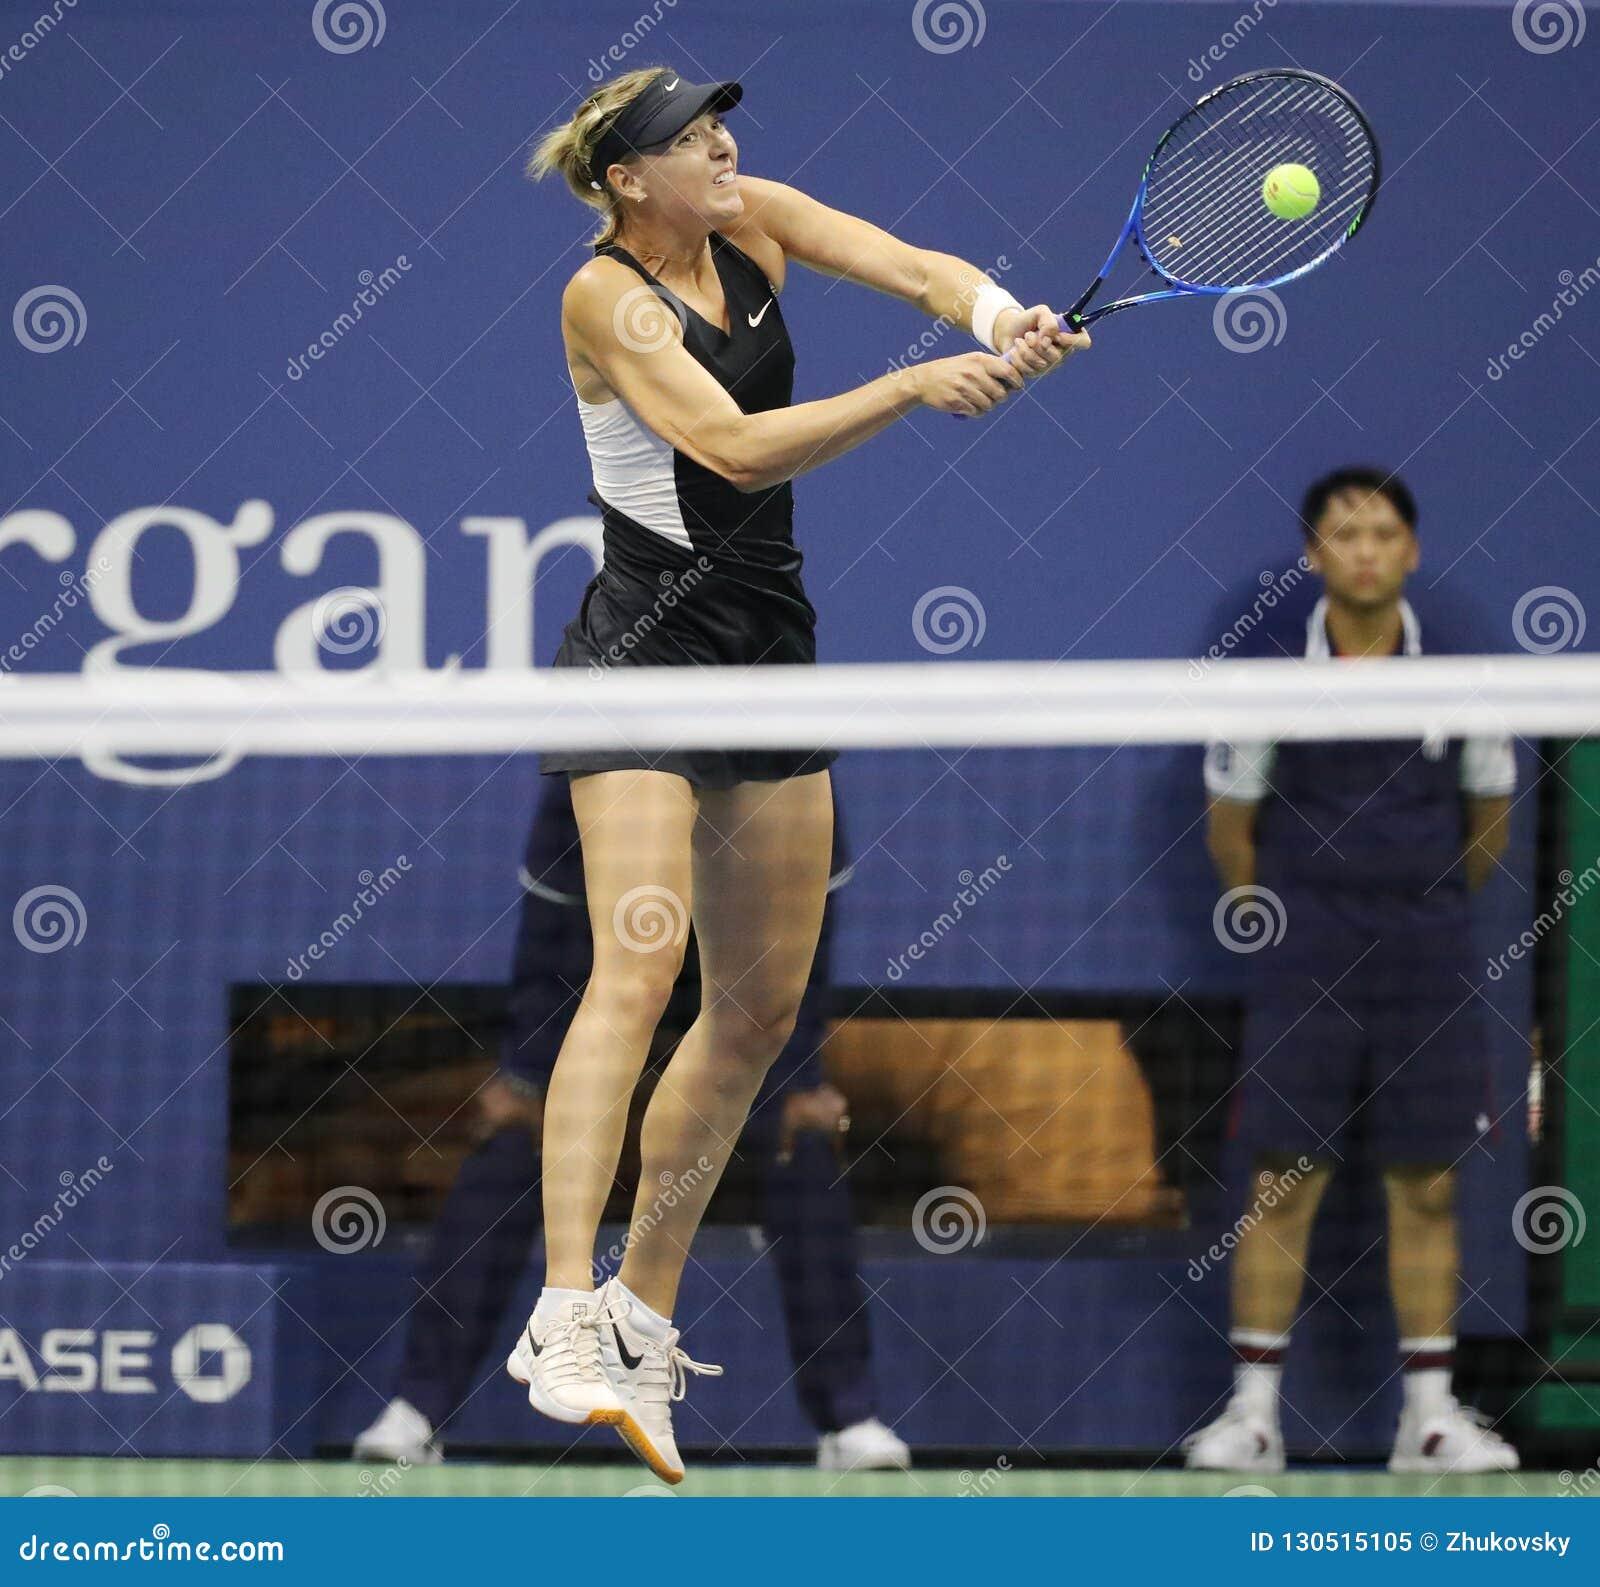 Vijf keer Grand Slam-Kampioen Maria Sharapova van Rusland in actie tijdens haar het US Openronde van 2018 van gelijke 32